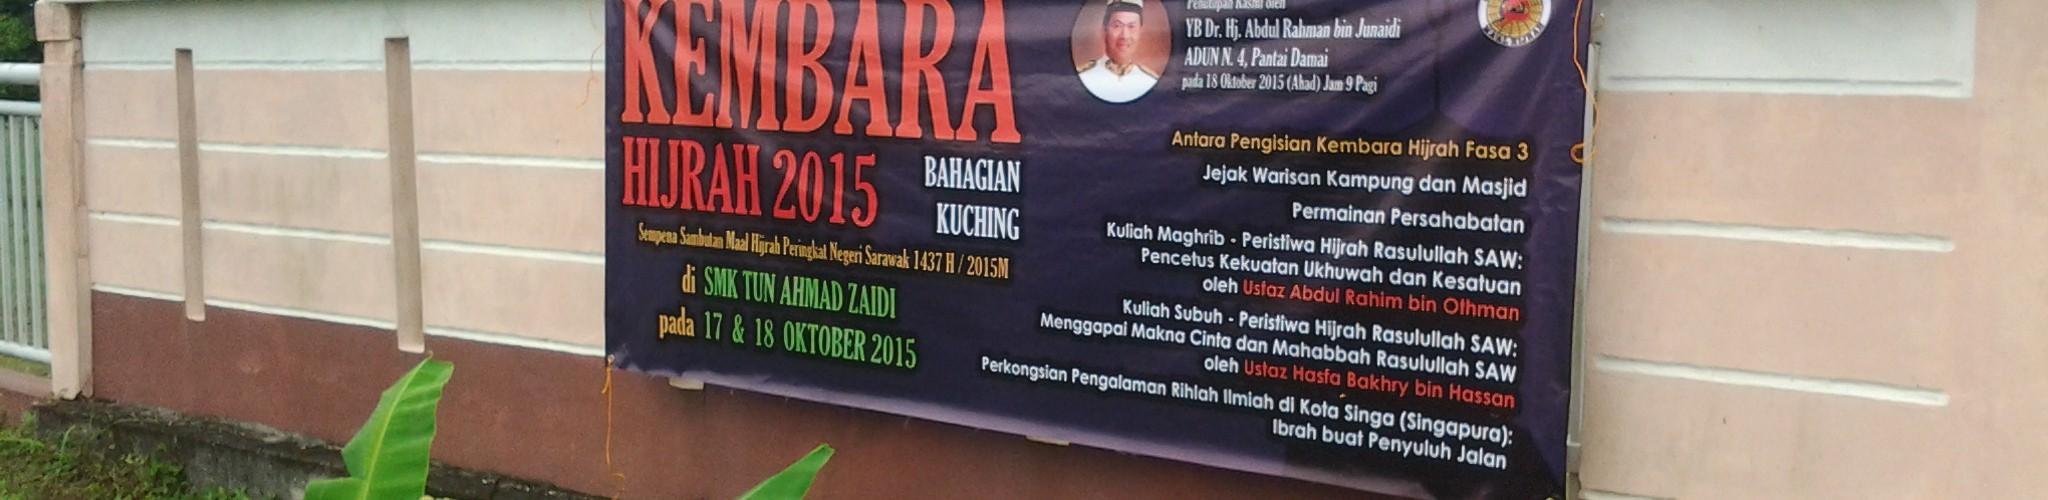 Banner KHK2015